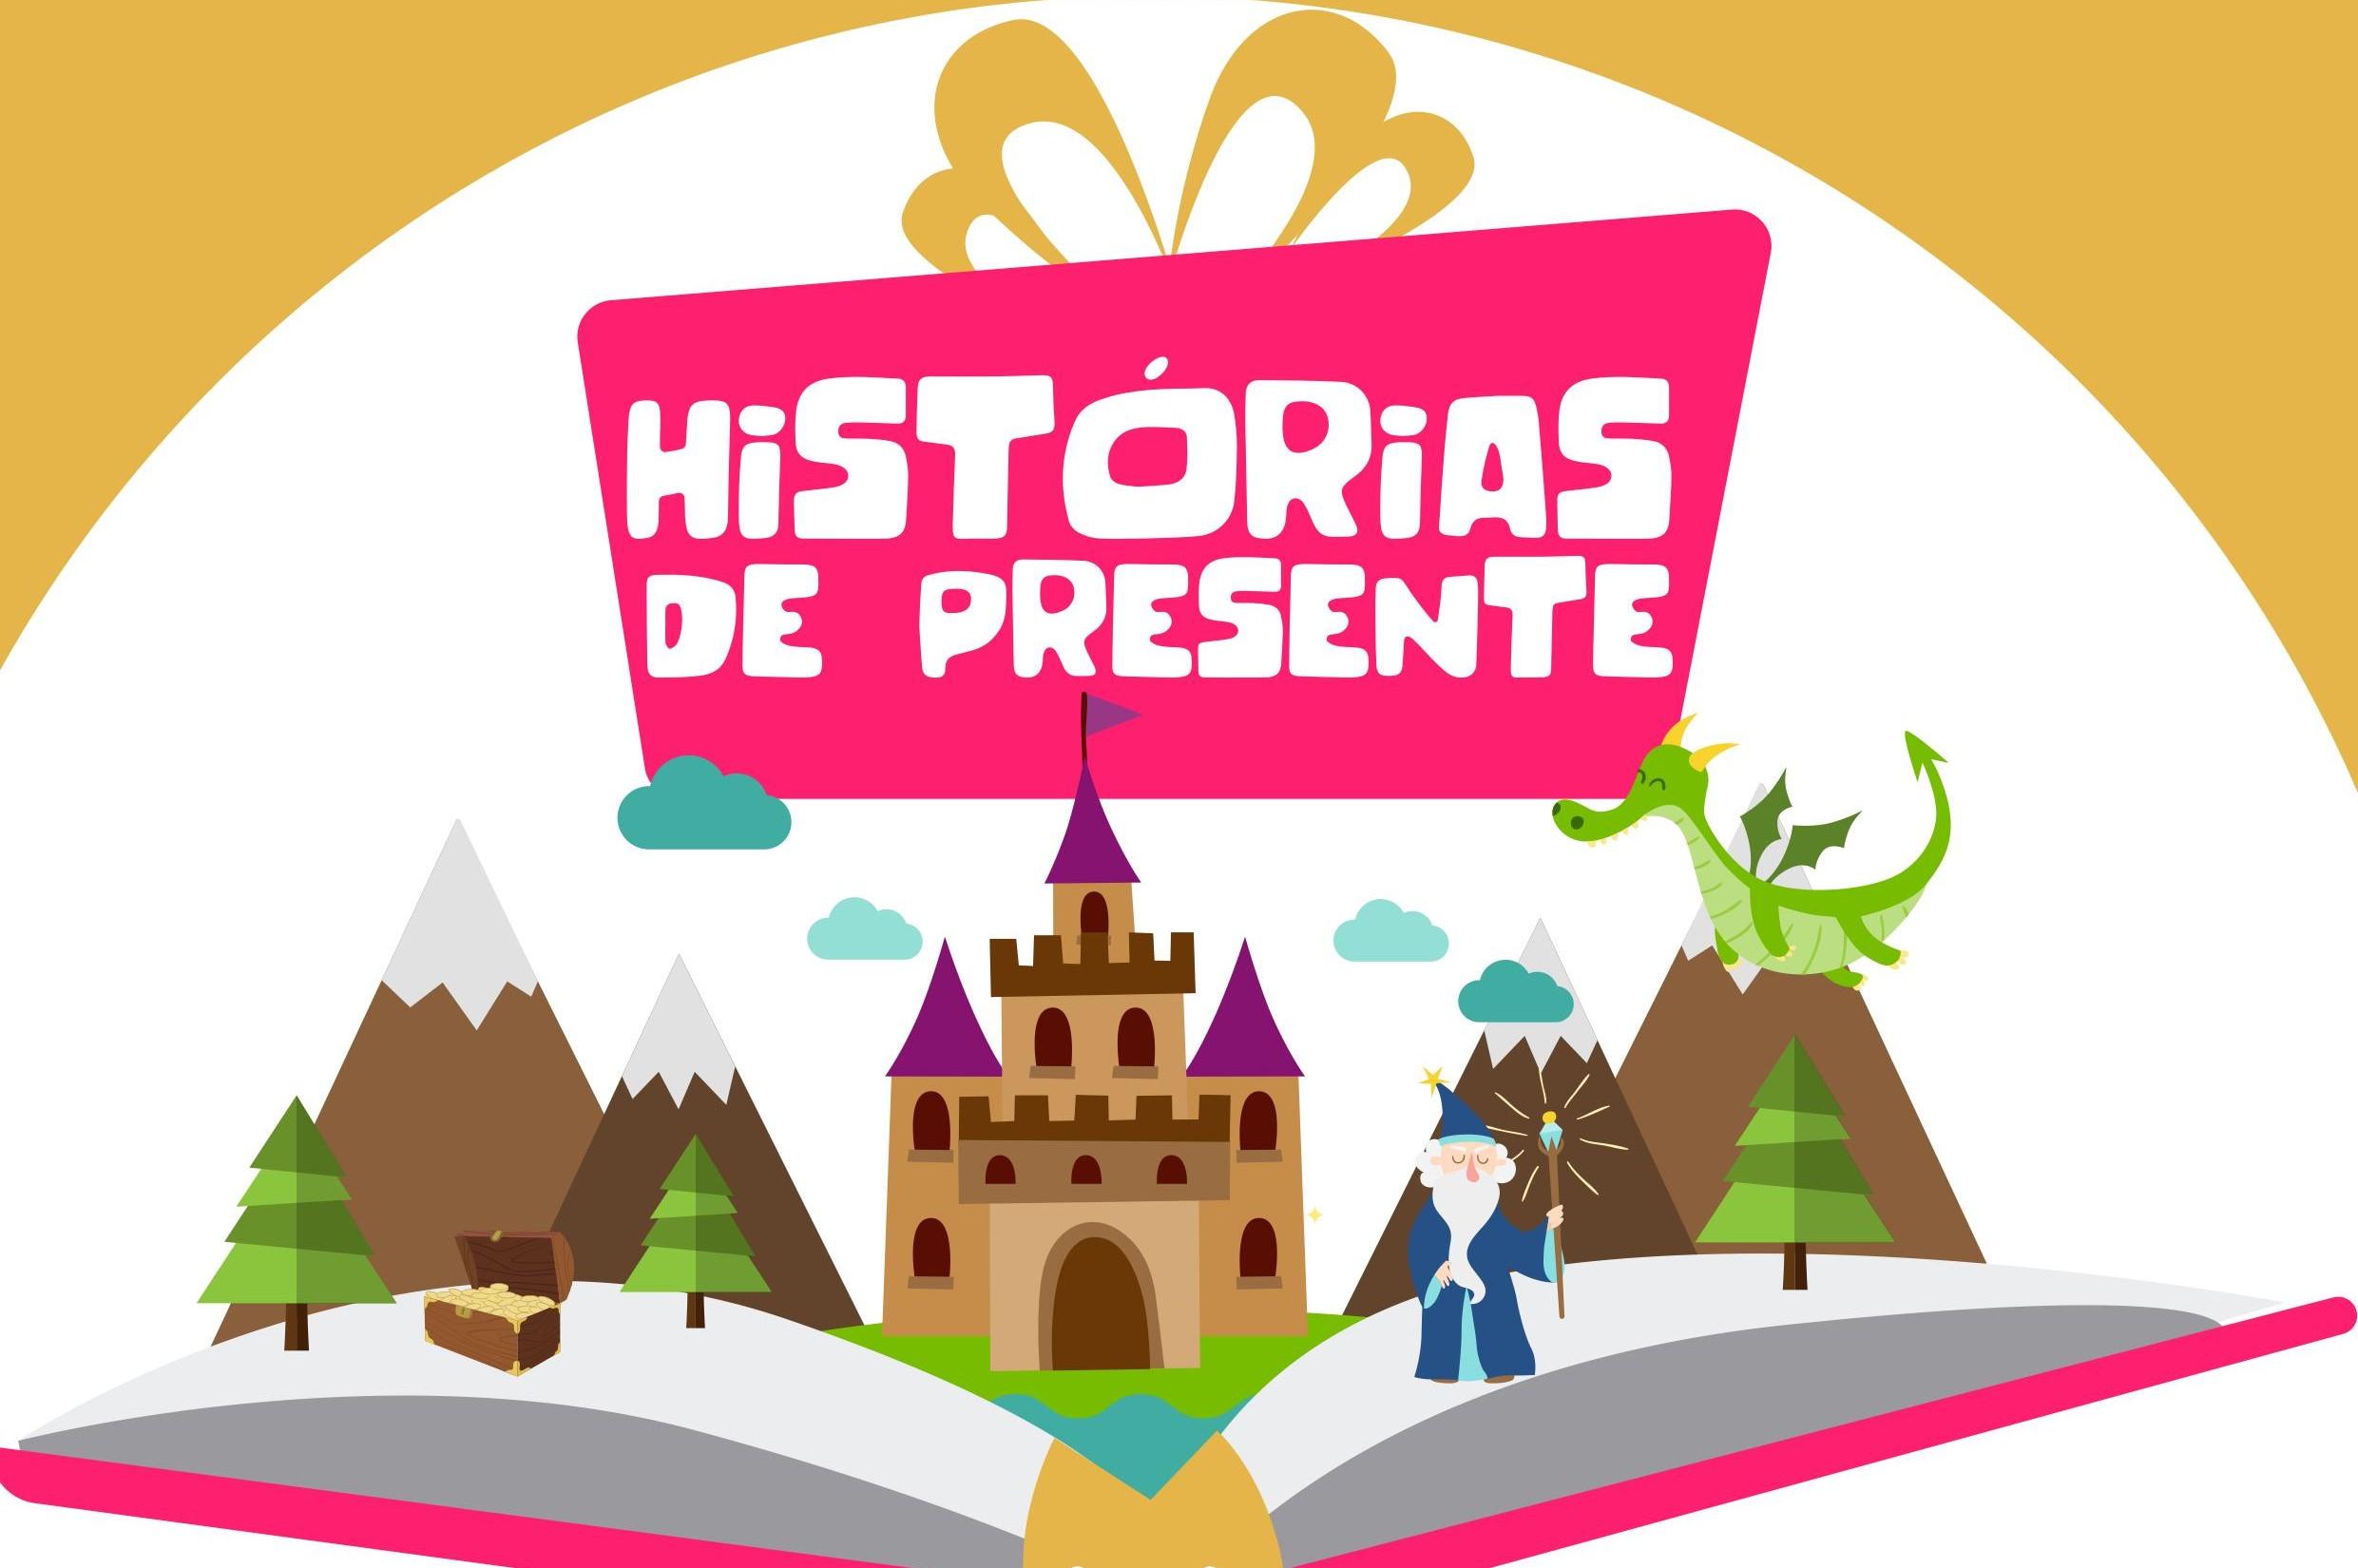 Campanha: Histórias de Presente